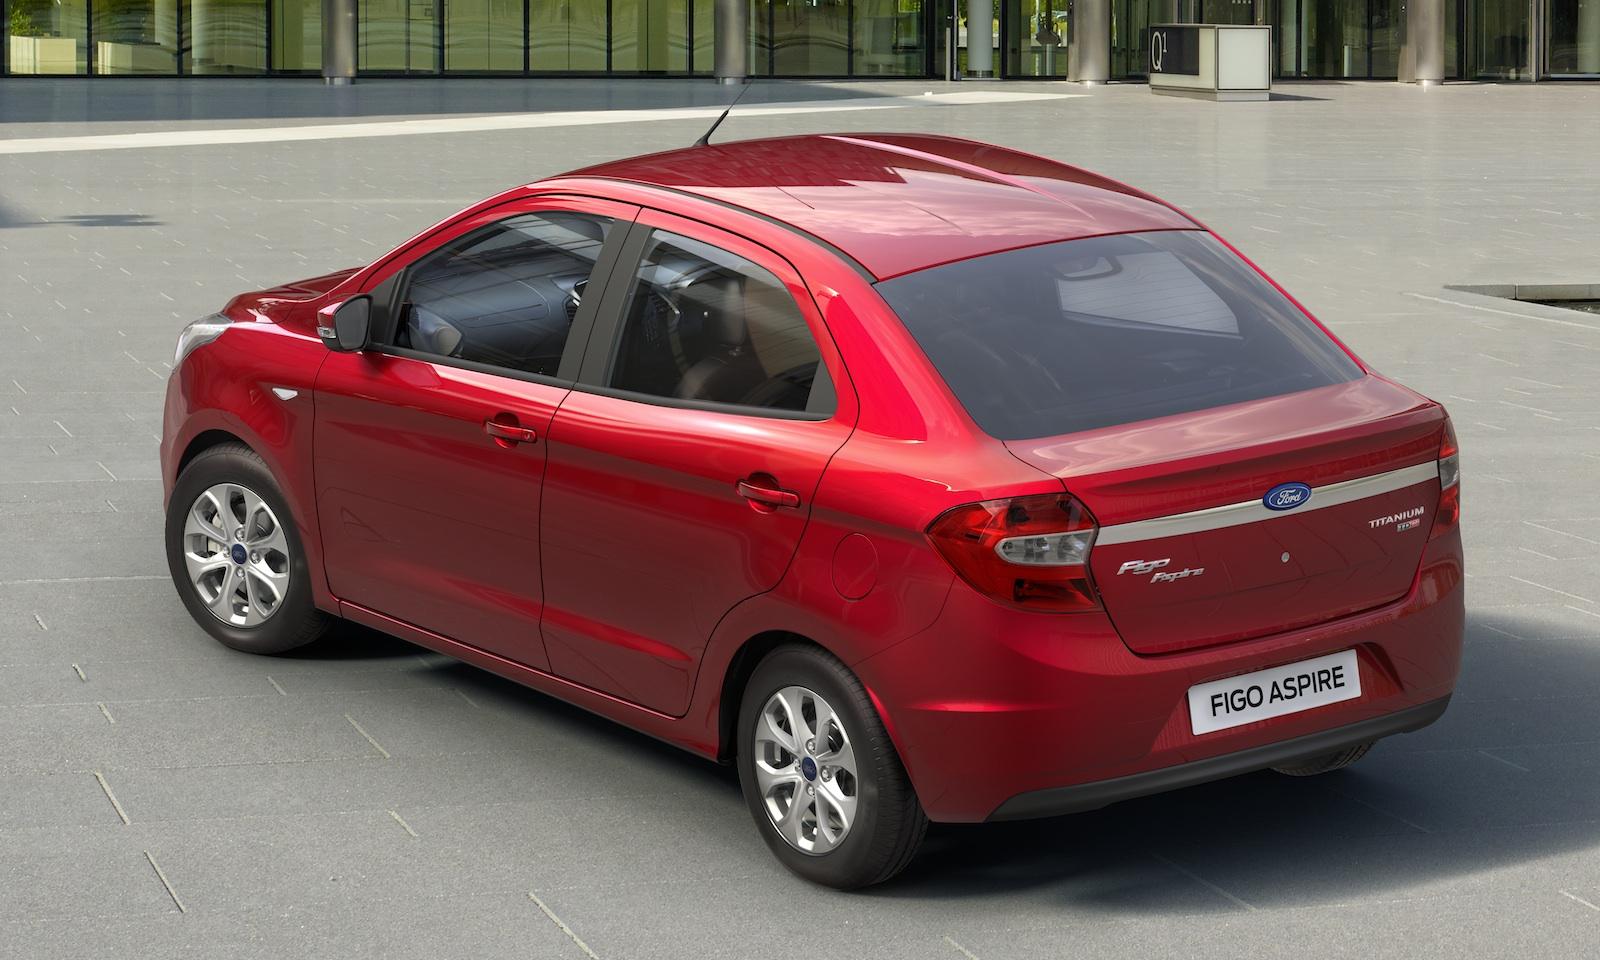 Ford Figo Aspire press image